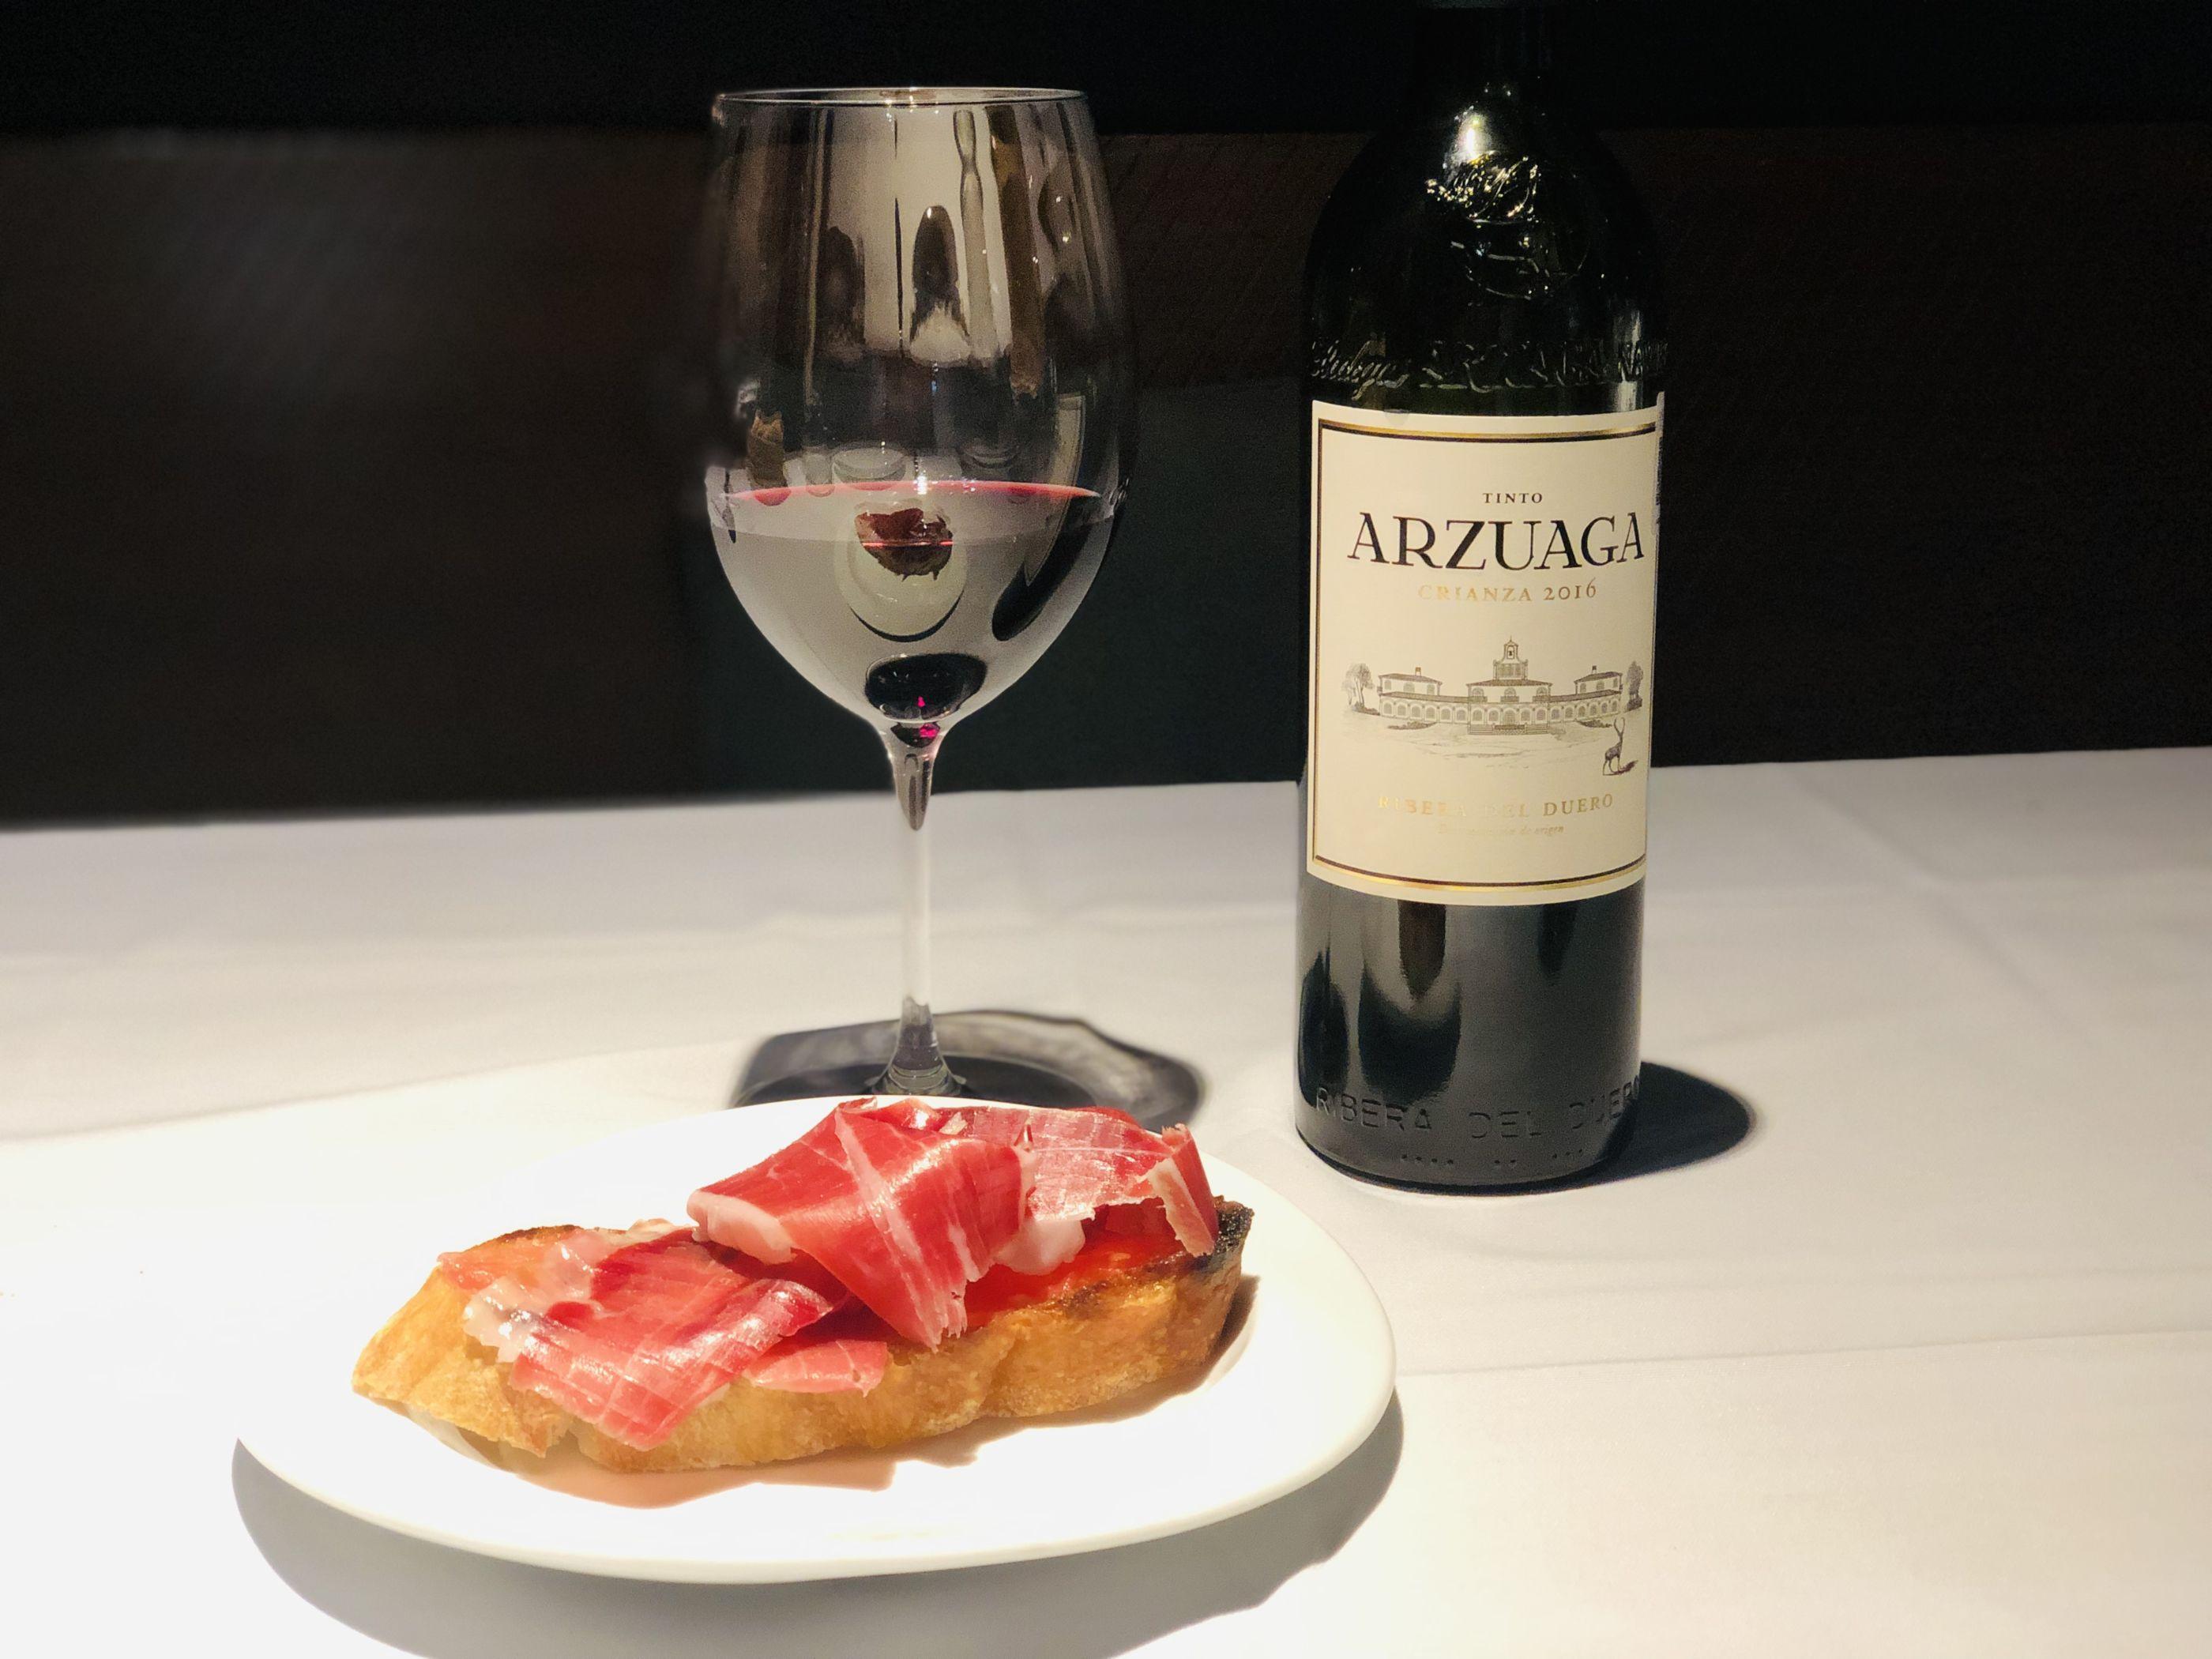 La Mallorquina: El sabor auténtico de España en pleno corazón de Polanco